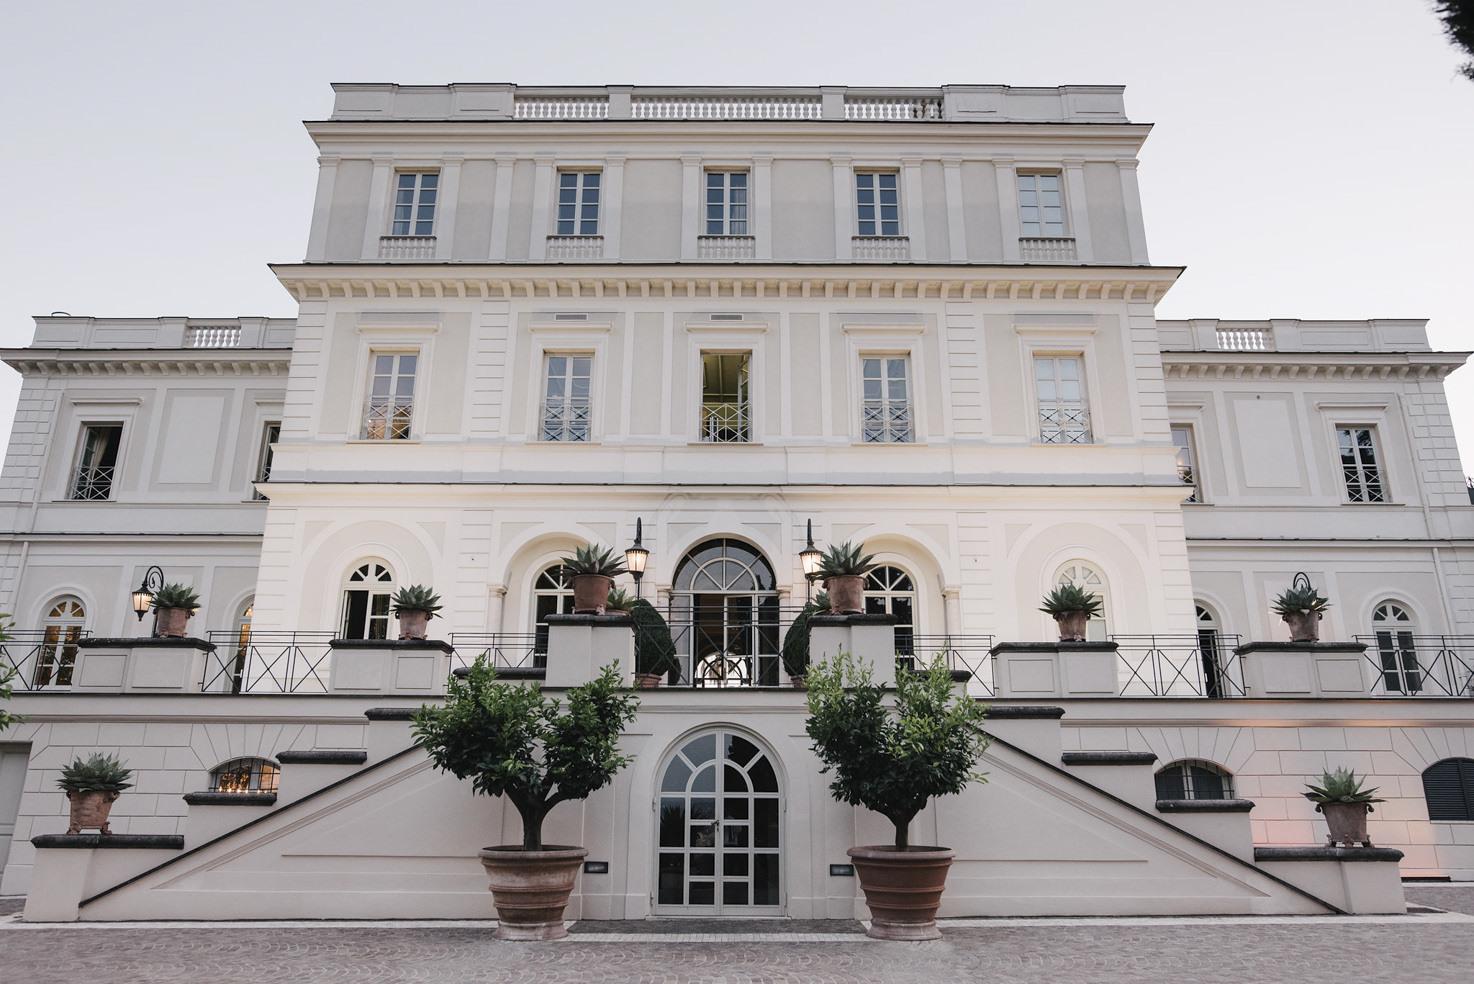 Façade of Villa Miani, Rome